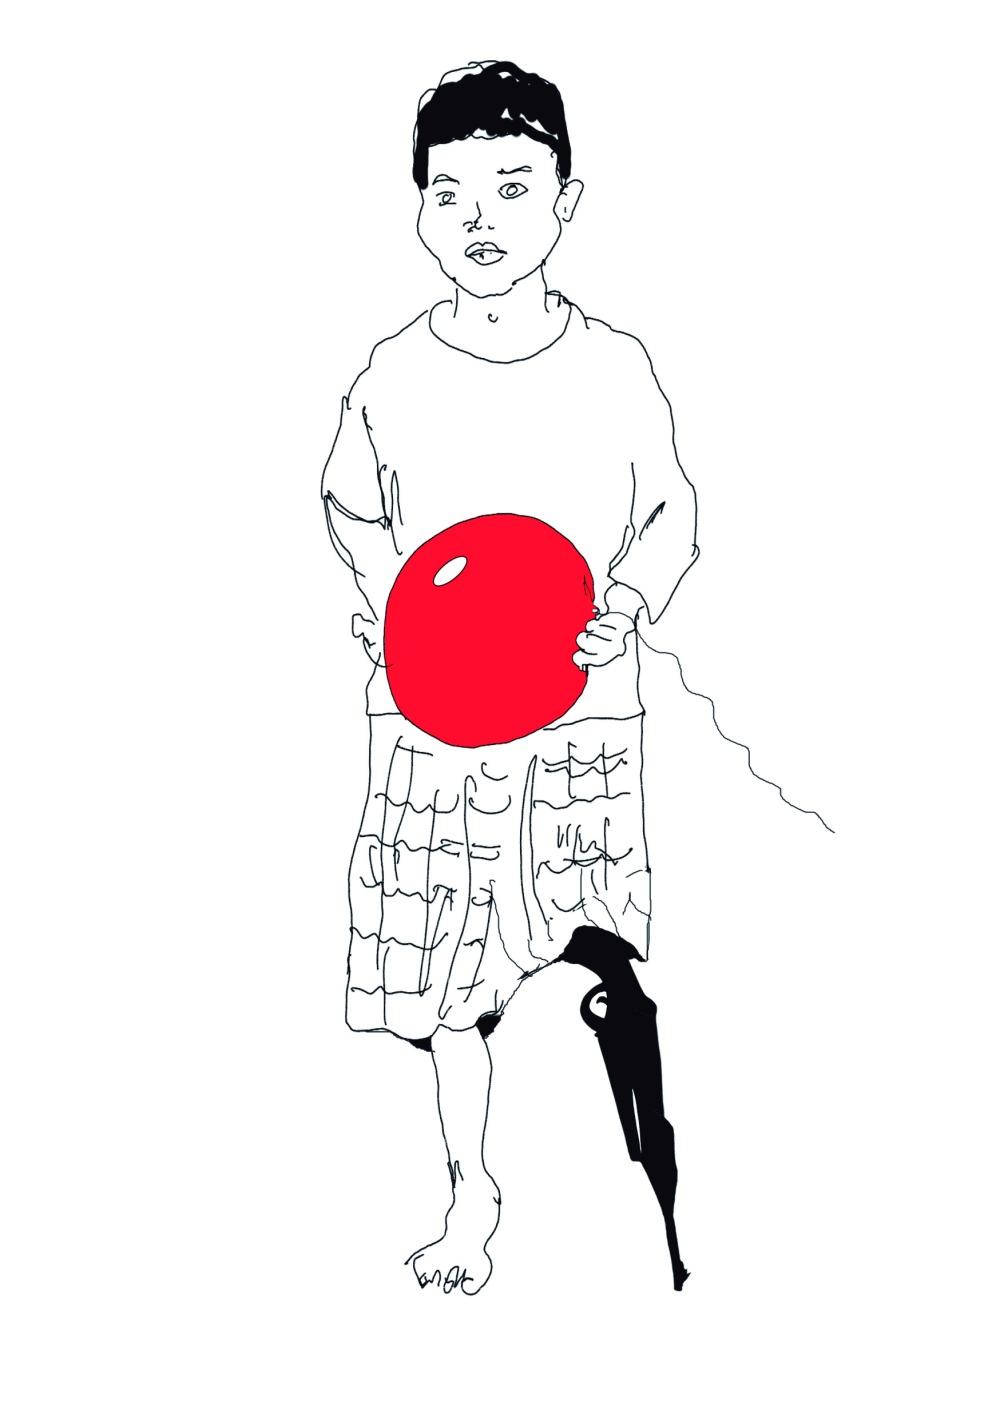 garbade,bronsky,niño,globo,balon,mutilado,guerra,ateneo de madrid